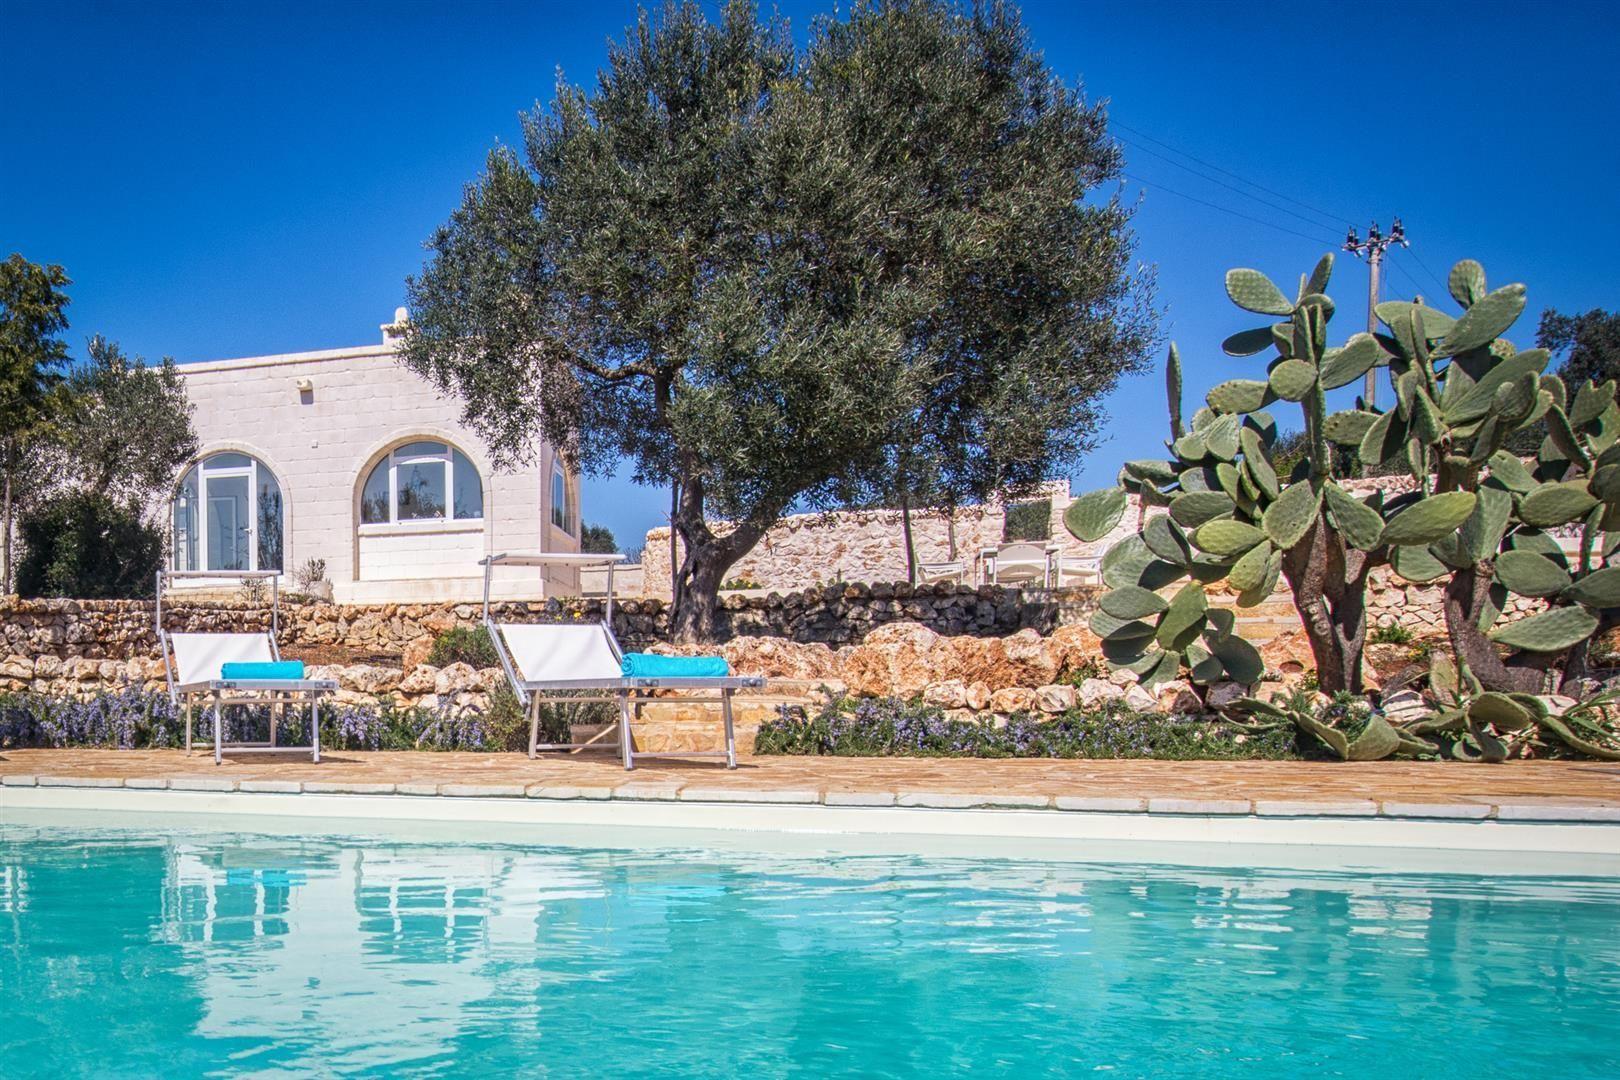 Villa Cristina Location De Vacances - Couchages 6 Dans 3 ... avec Piscine Du Port Marchand